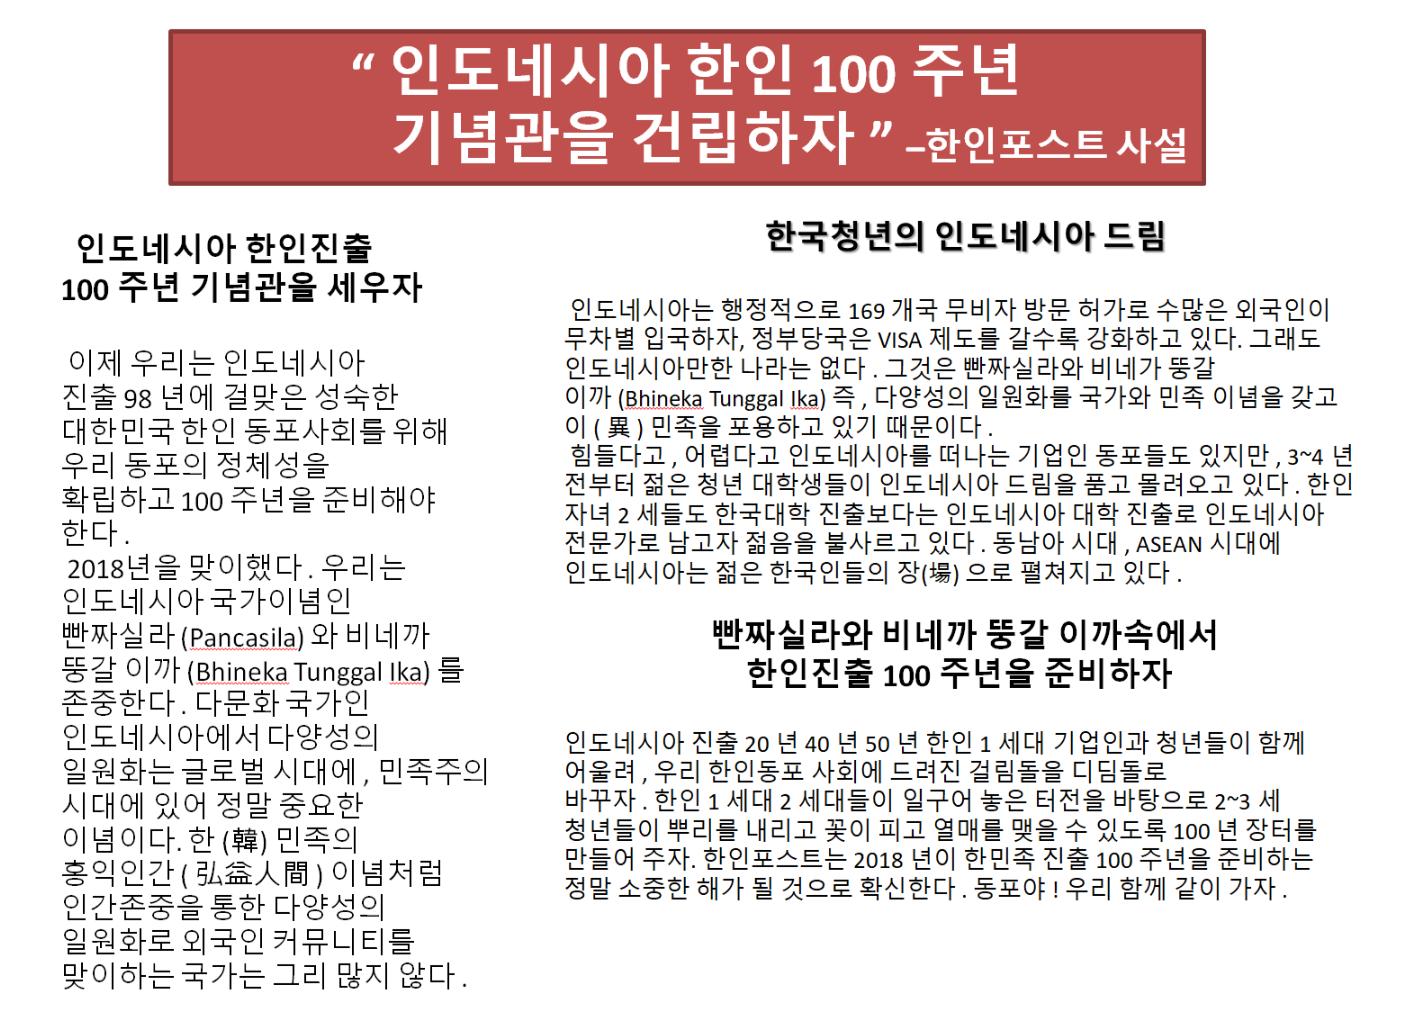 한인포스트 -한인진출 100주년 기념관 세우자 사설